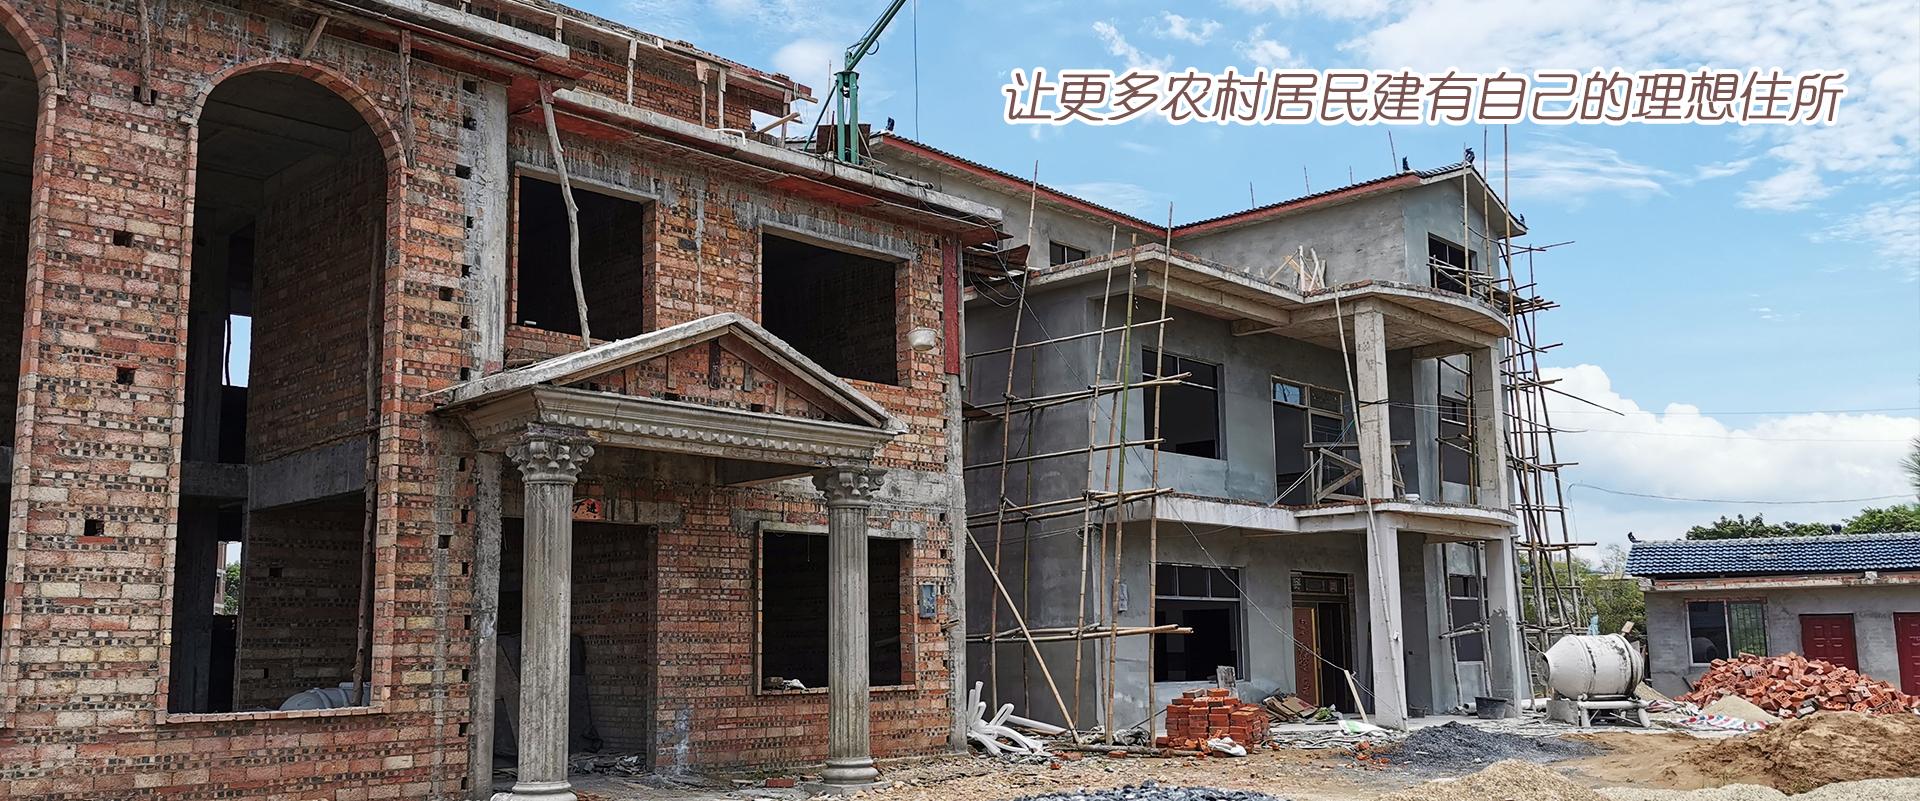 广西农村自建房